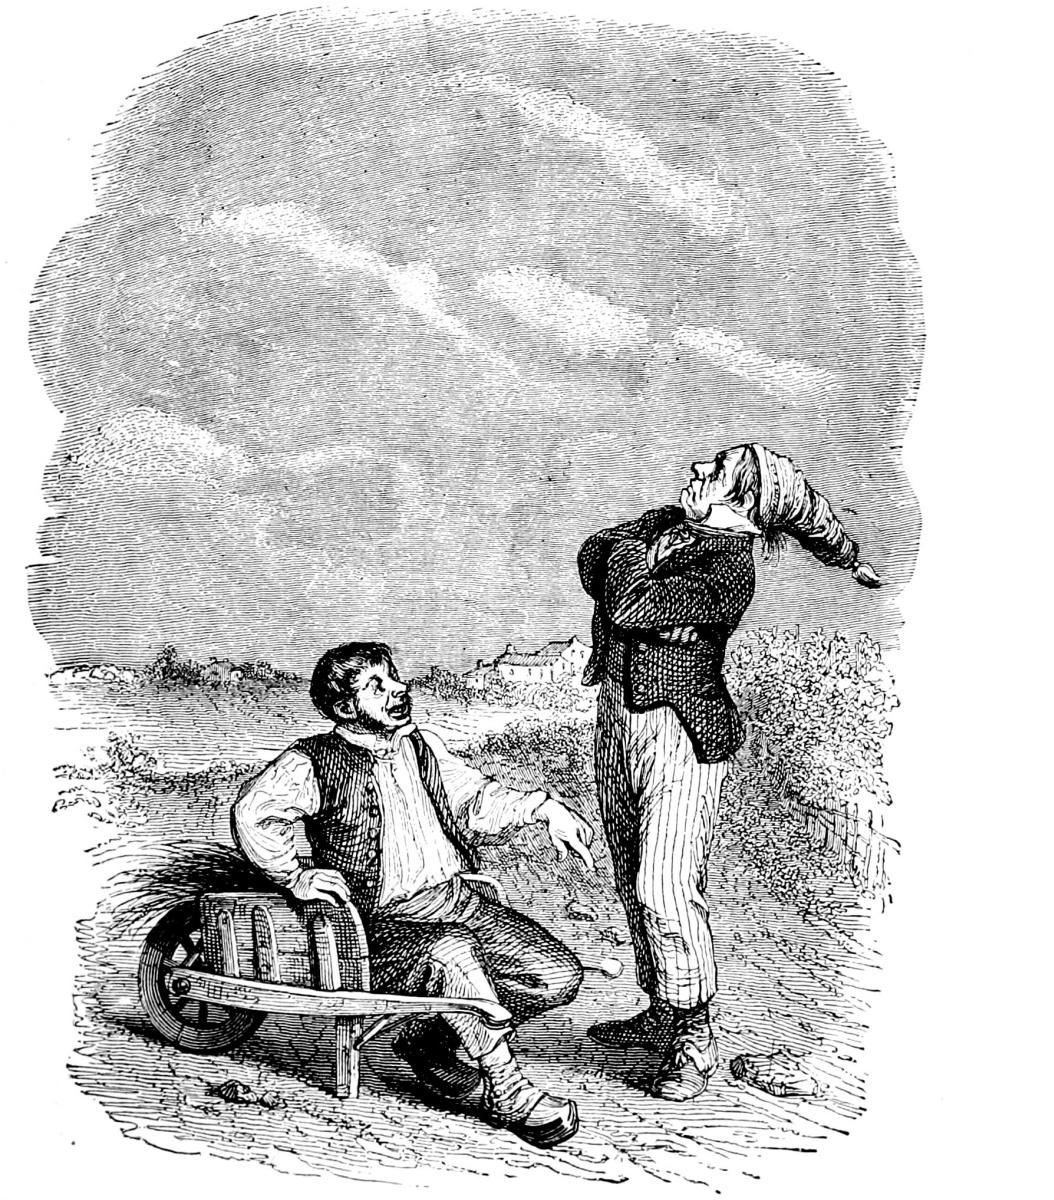 Жан Иньяс Изидор (Жерар) Гранвиль. Два крестьянина. Иллюстрации к басням Флориана